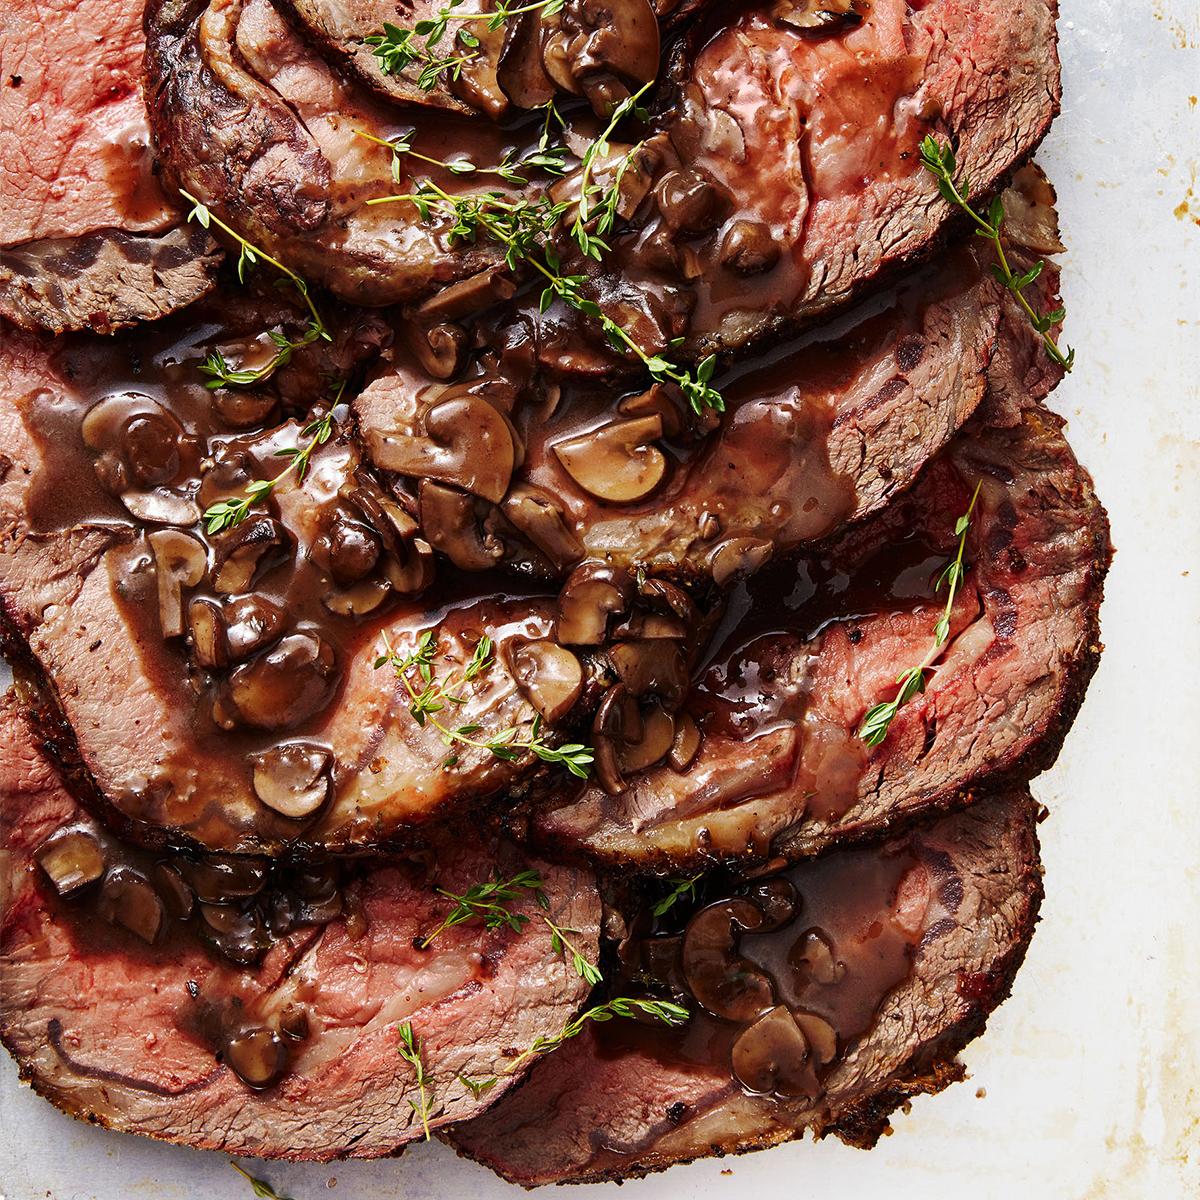 Porcini Prime Rib with Mushroom Gravy